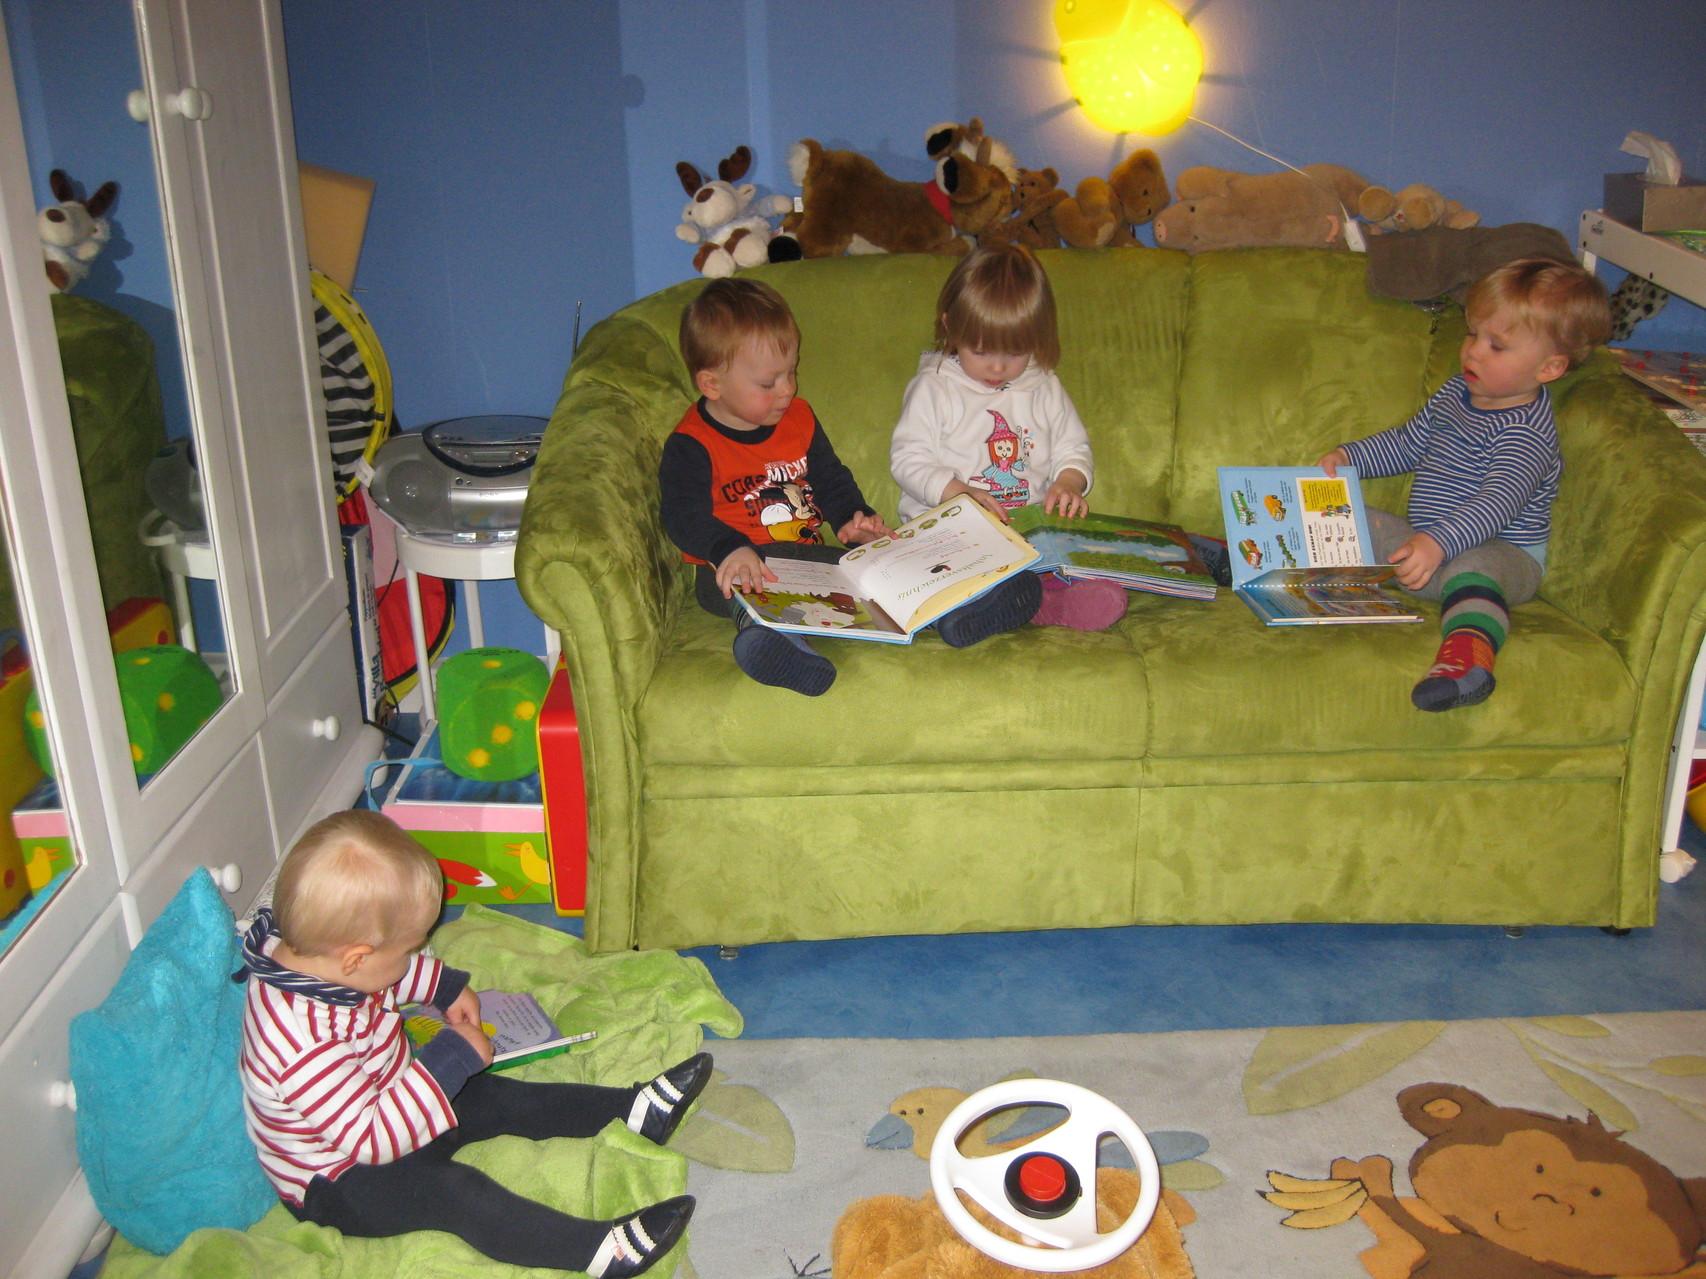 Optimaler Betreuungsschlüssel von max.5 Kindern gleichzeitig in einer Kleingruppe